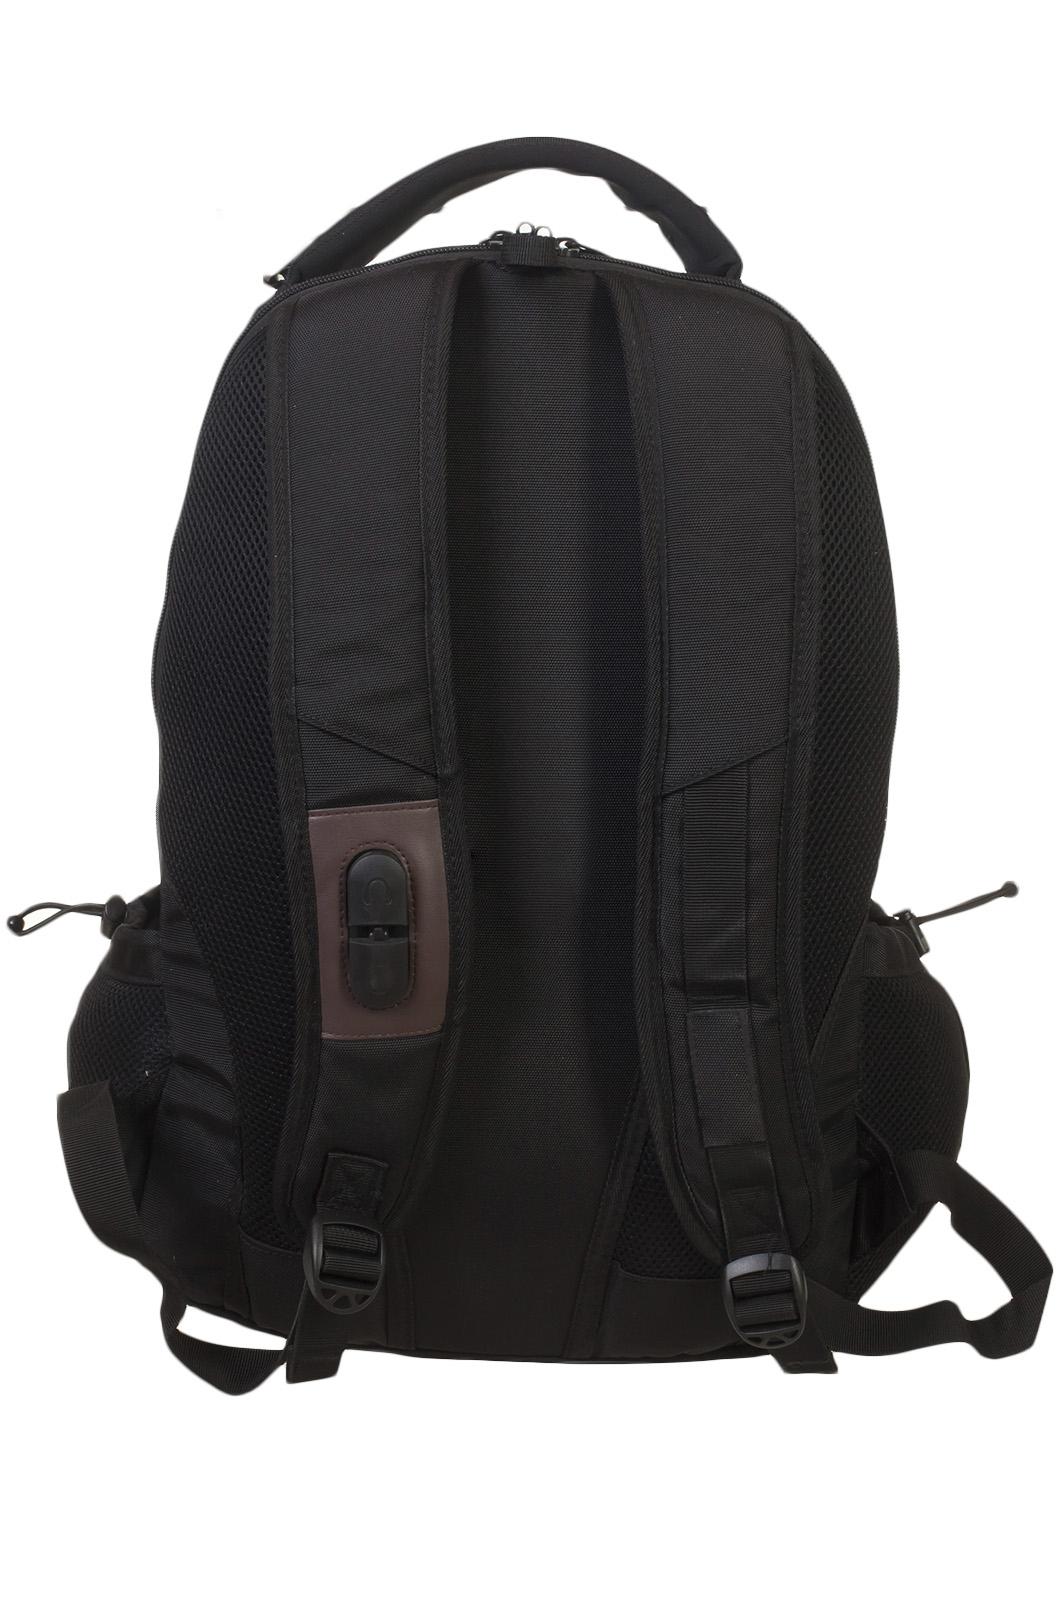 Черный вместительный рюкзак с нашивкой ВКС - купить в подарок